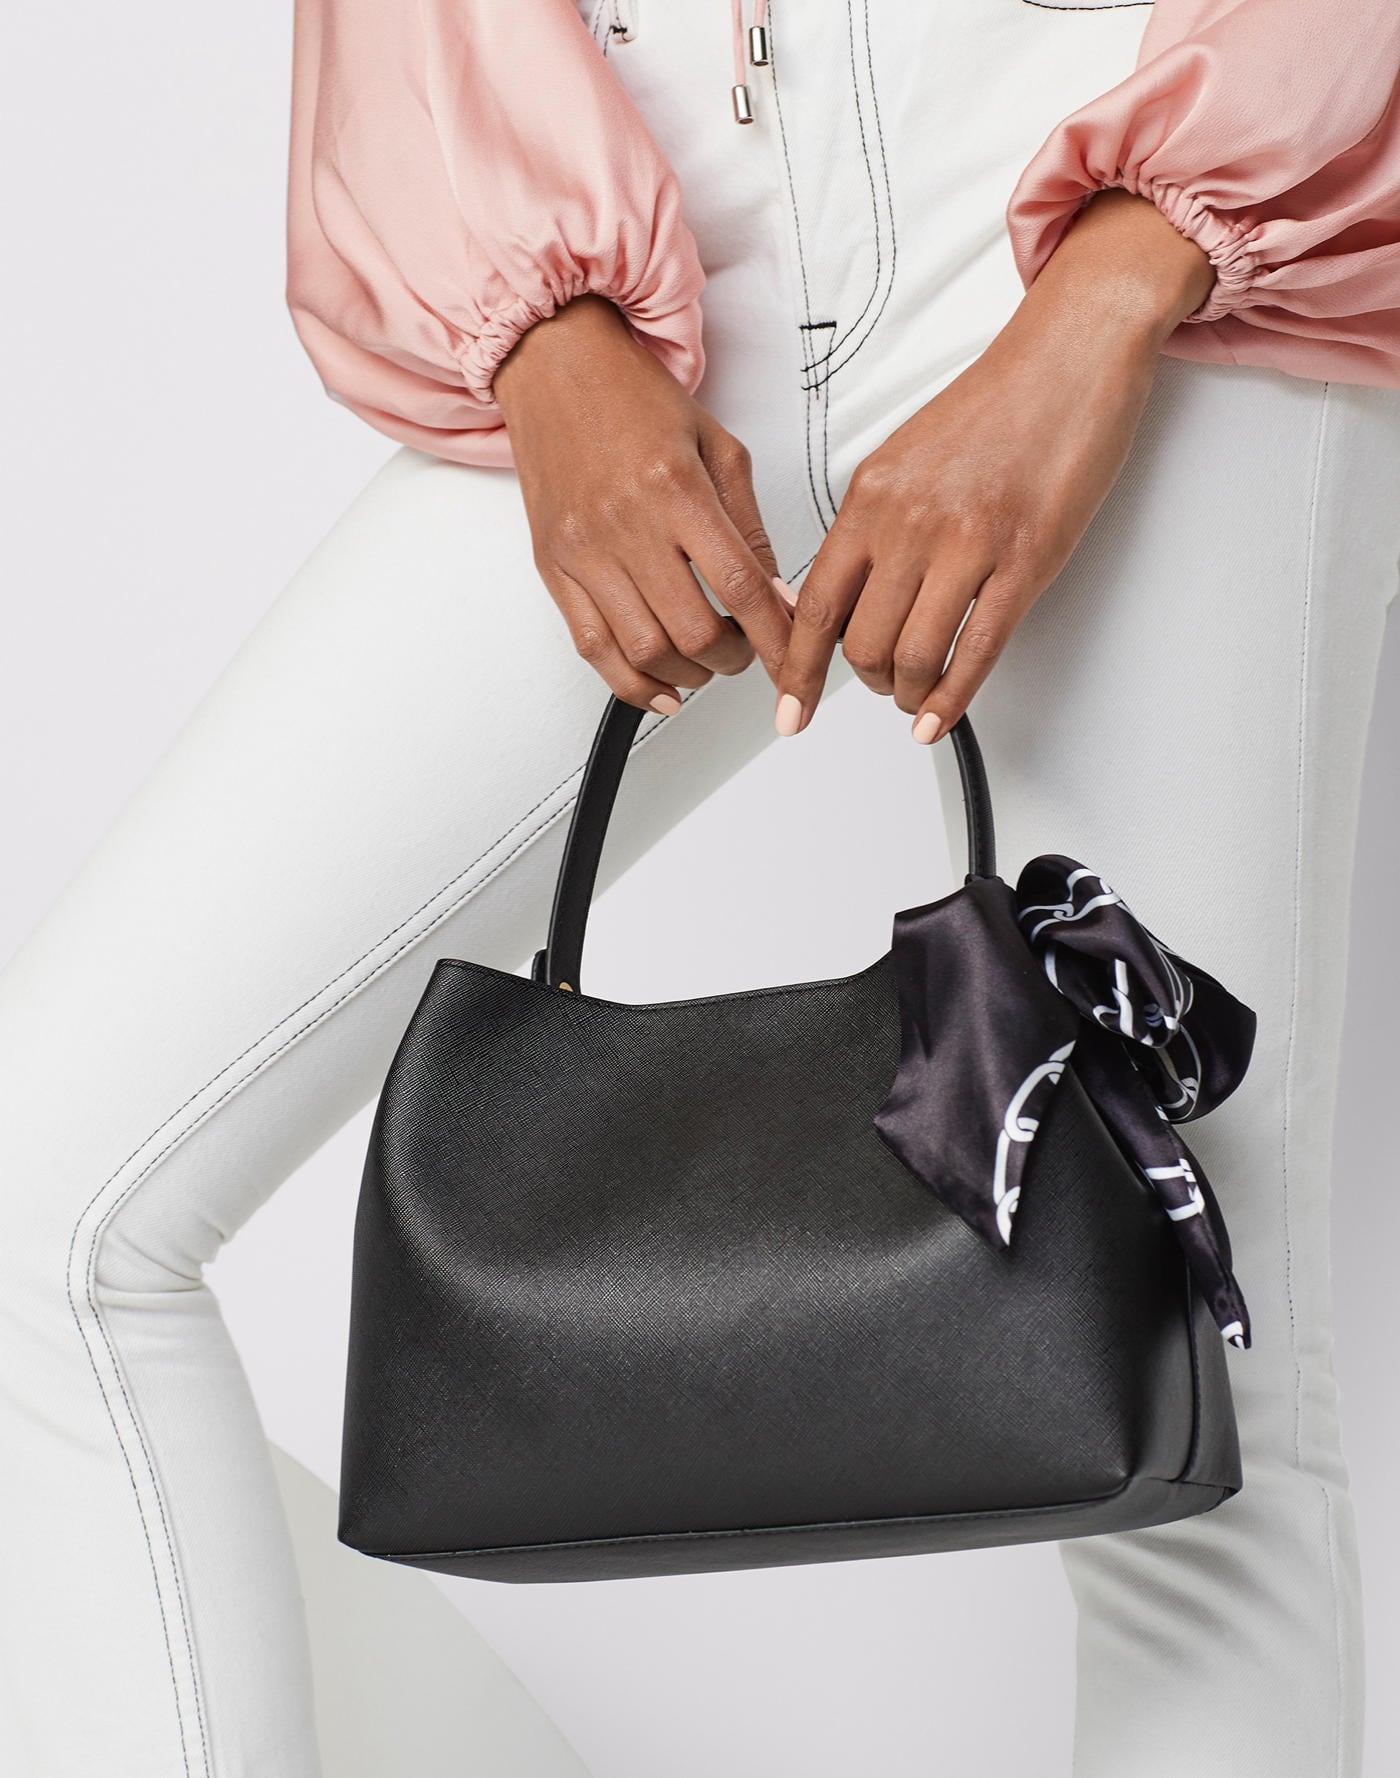 f958239fe59 Handbags | Aldoshoes.com US